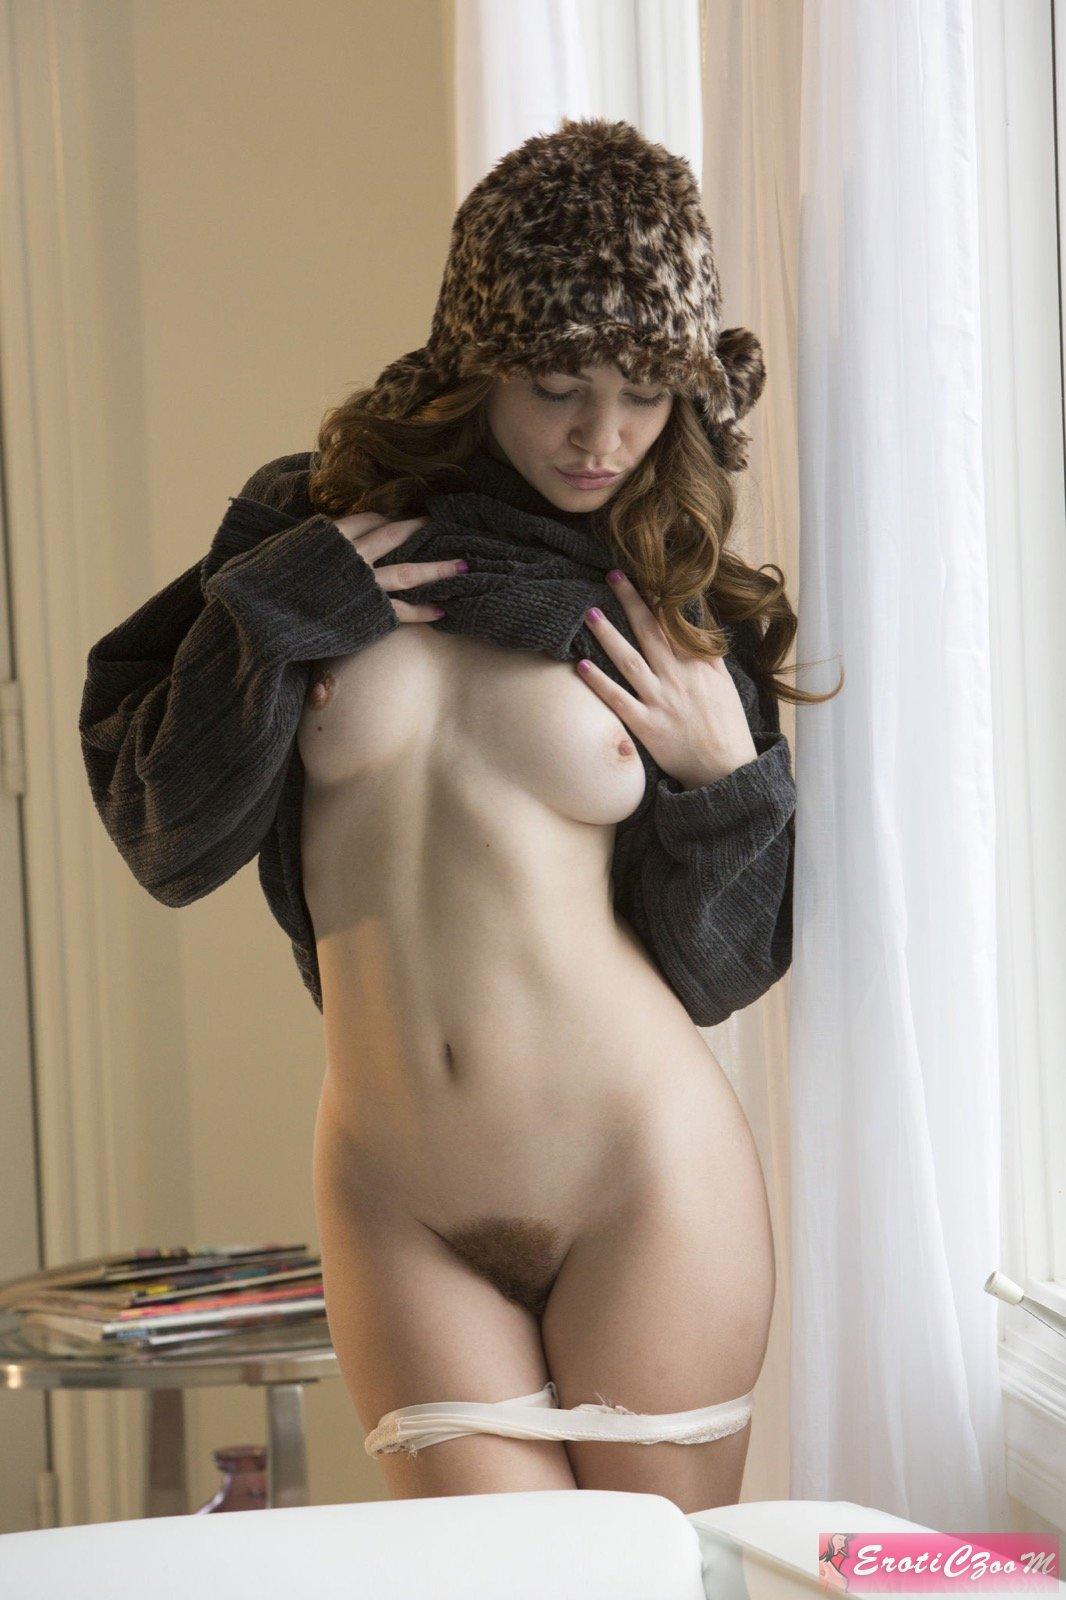 уверен, порно познакомьтесь с моей женой бывает, может Ваш блог